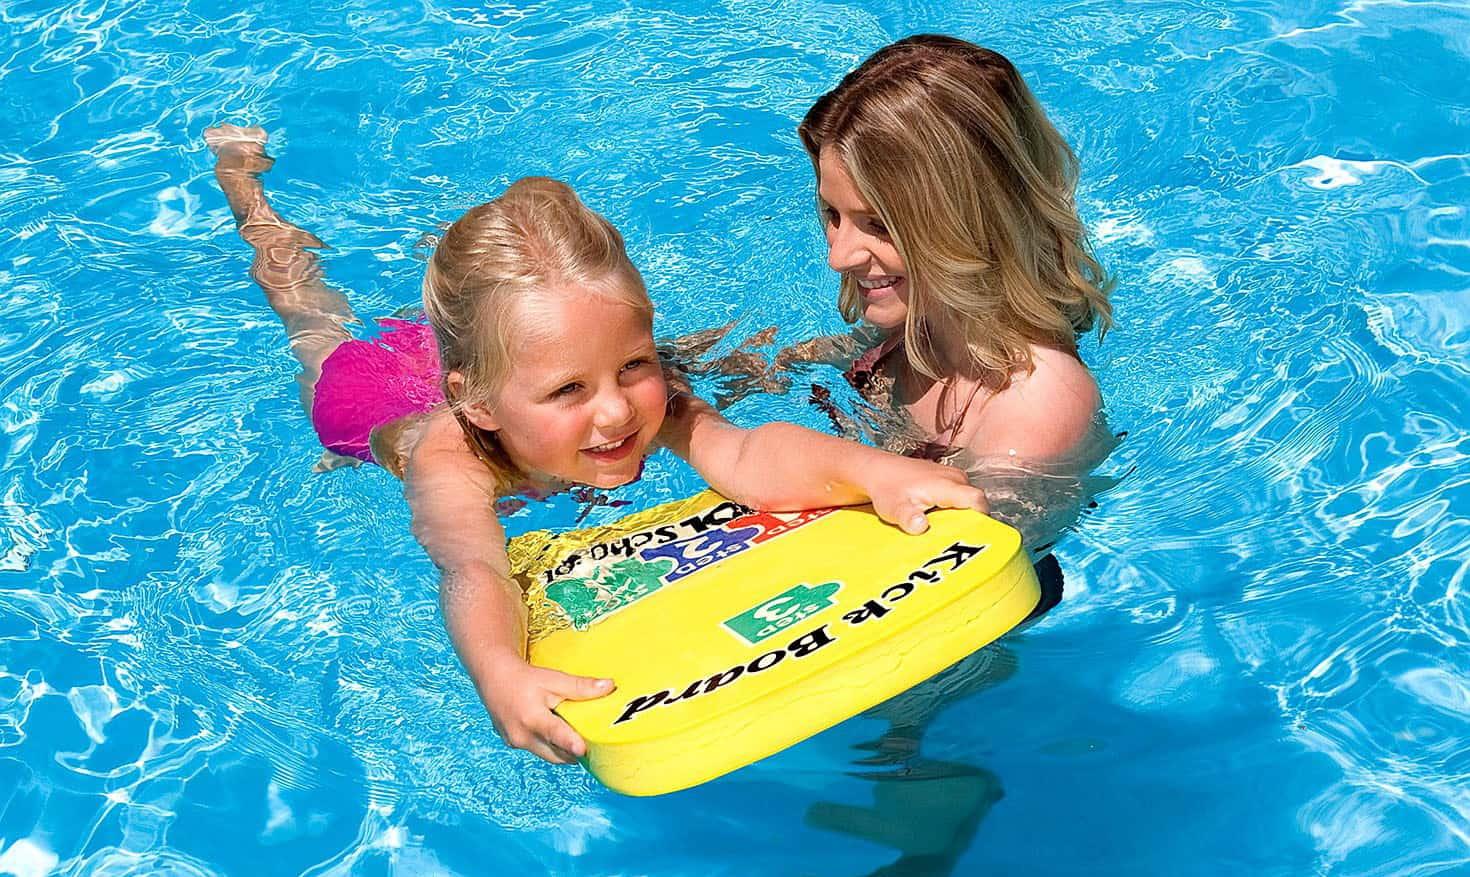 Тренажеры для плавания: доски и калабашки